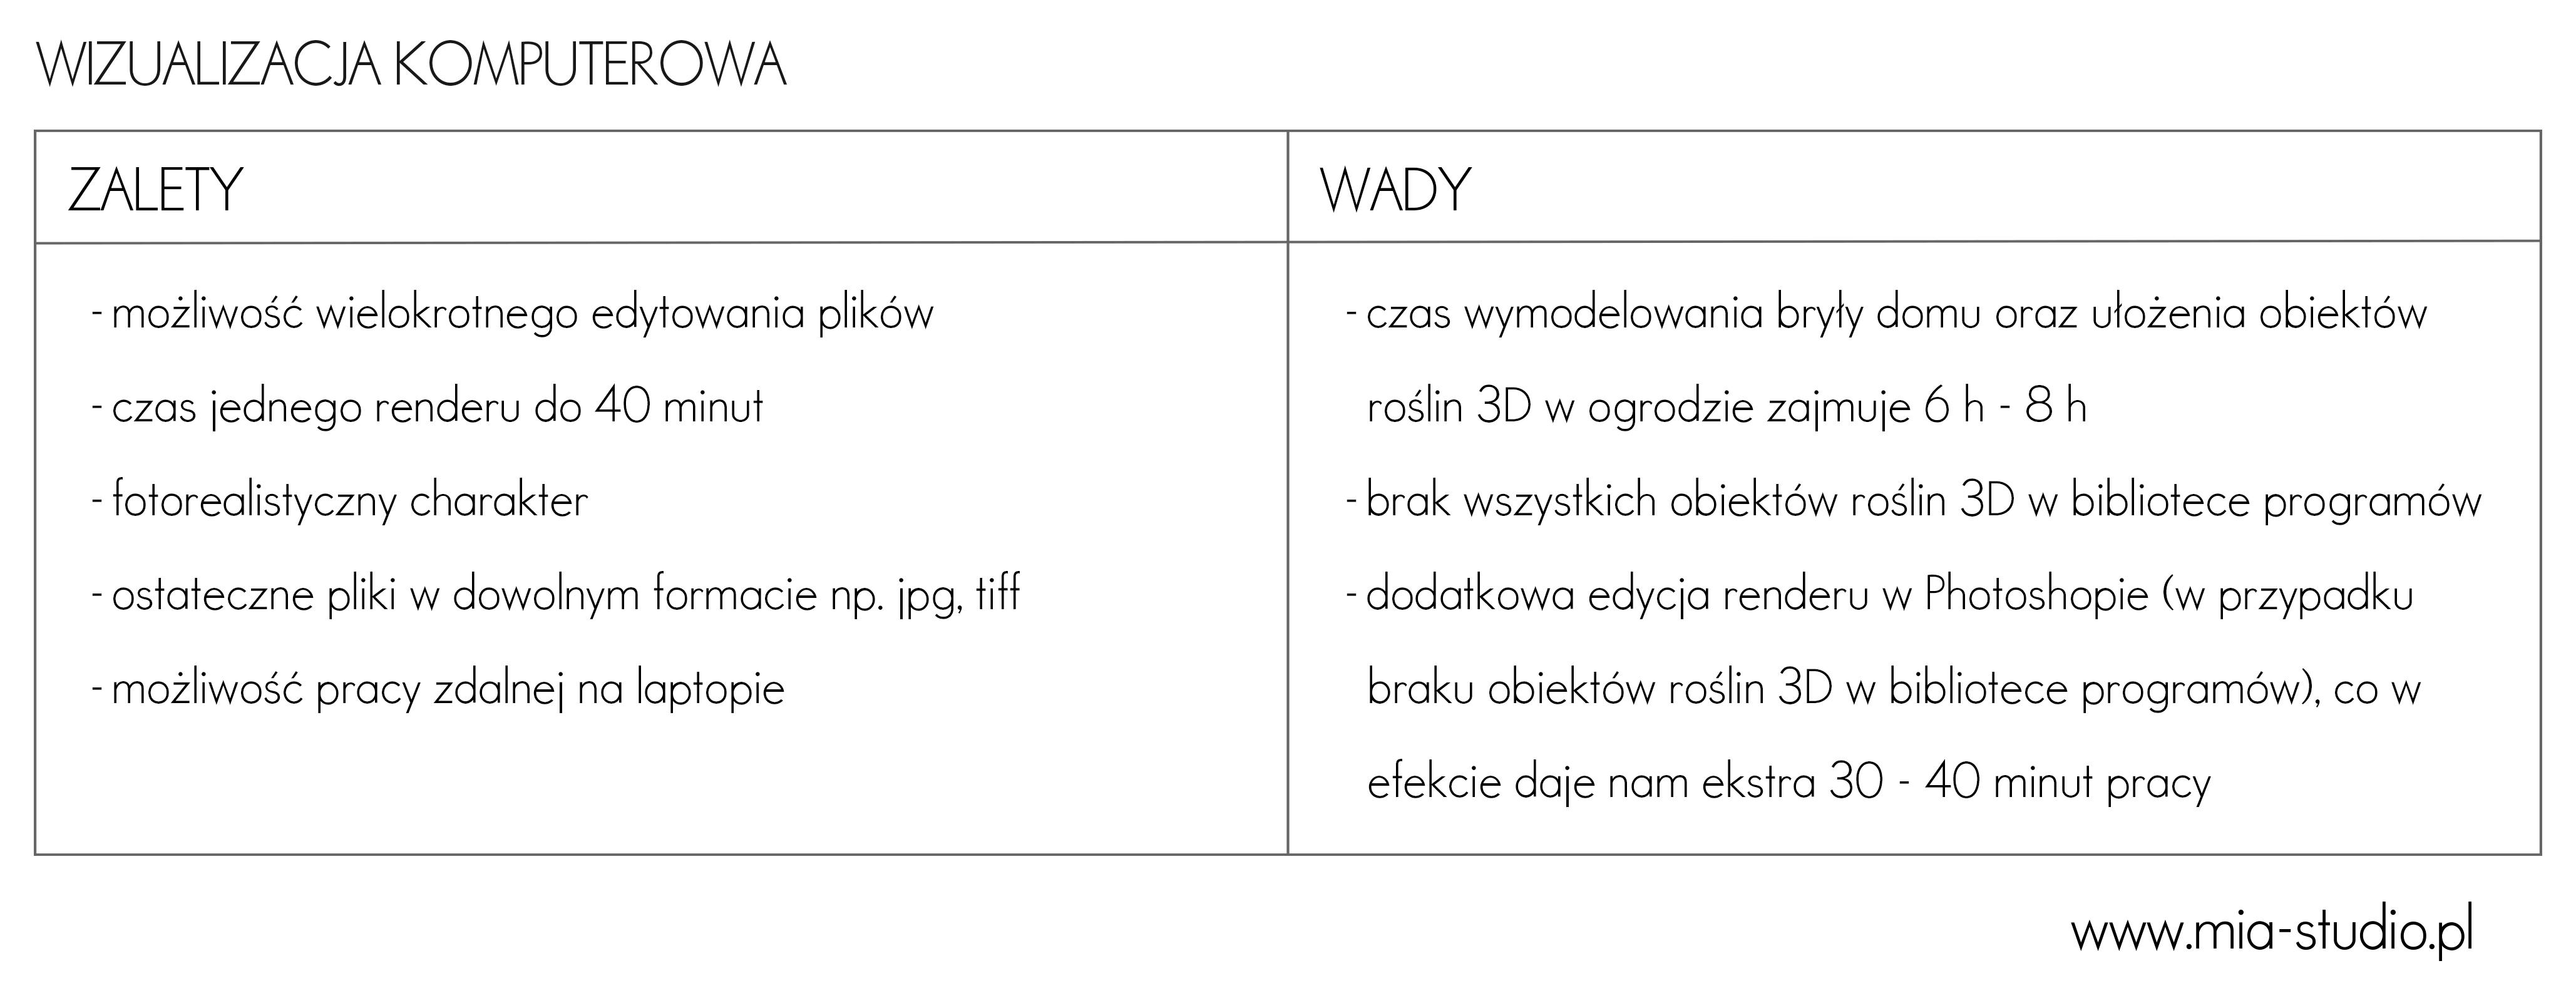 wizualizacja-komputerowa_zalety-i-wady